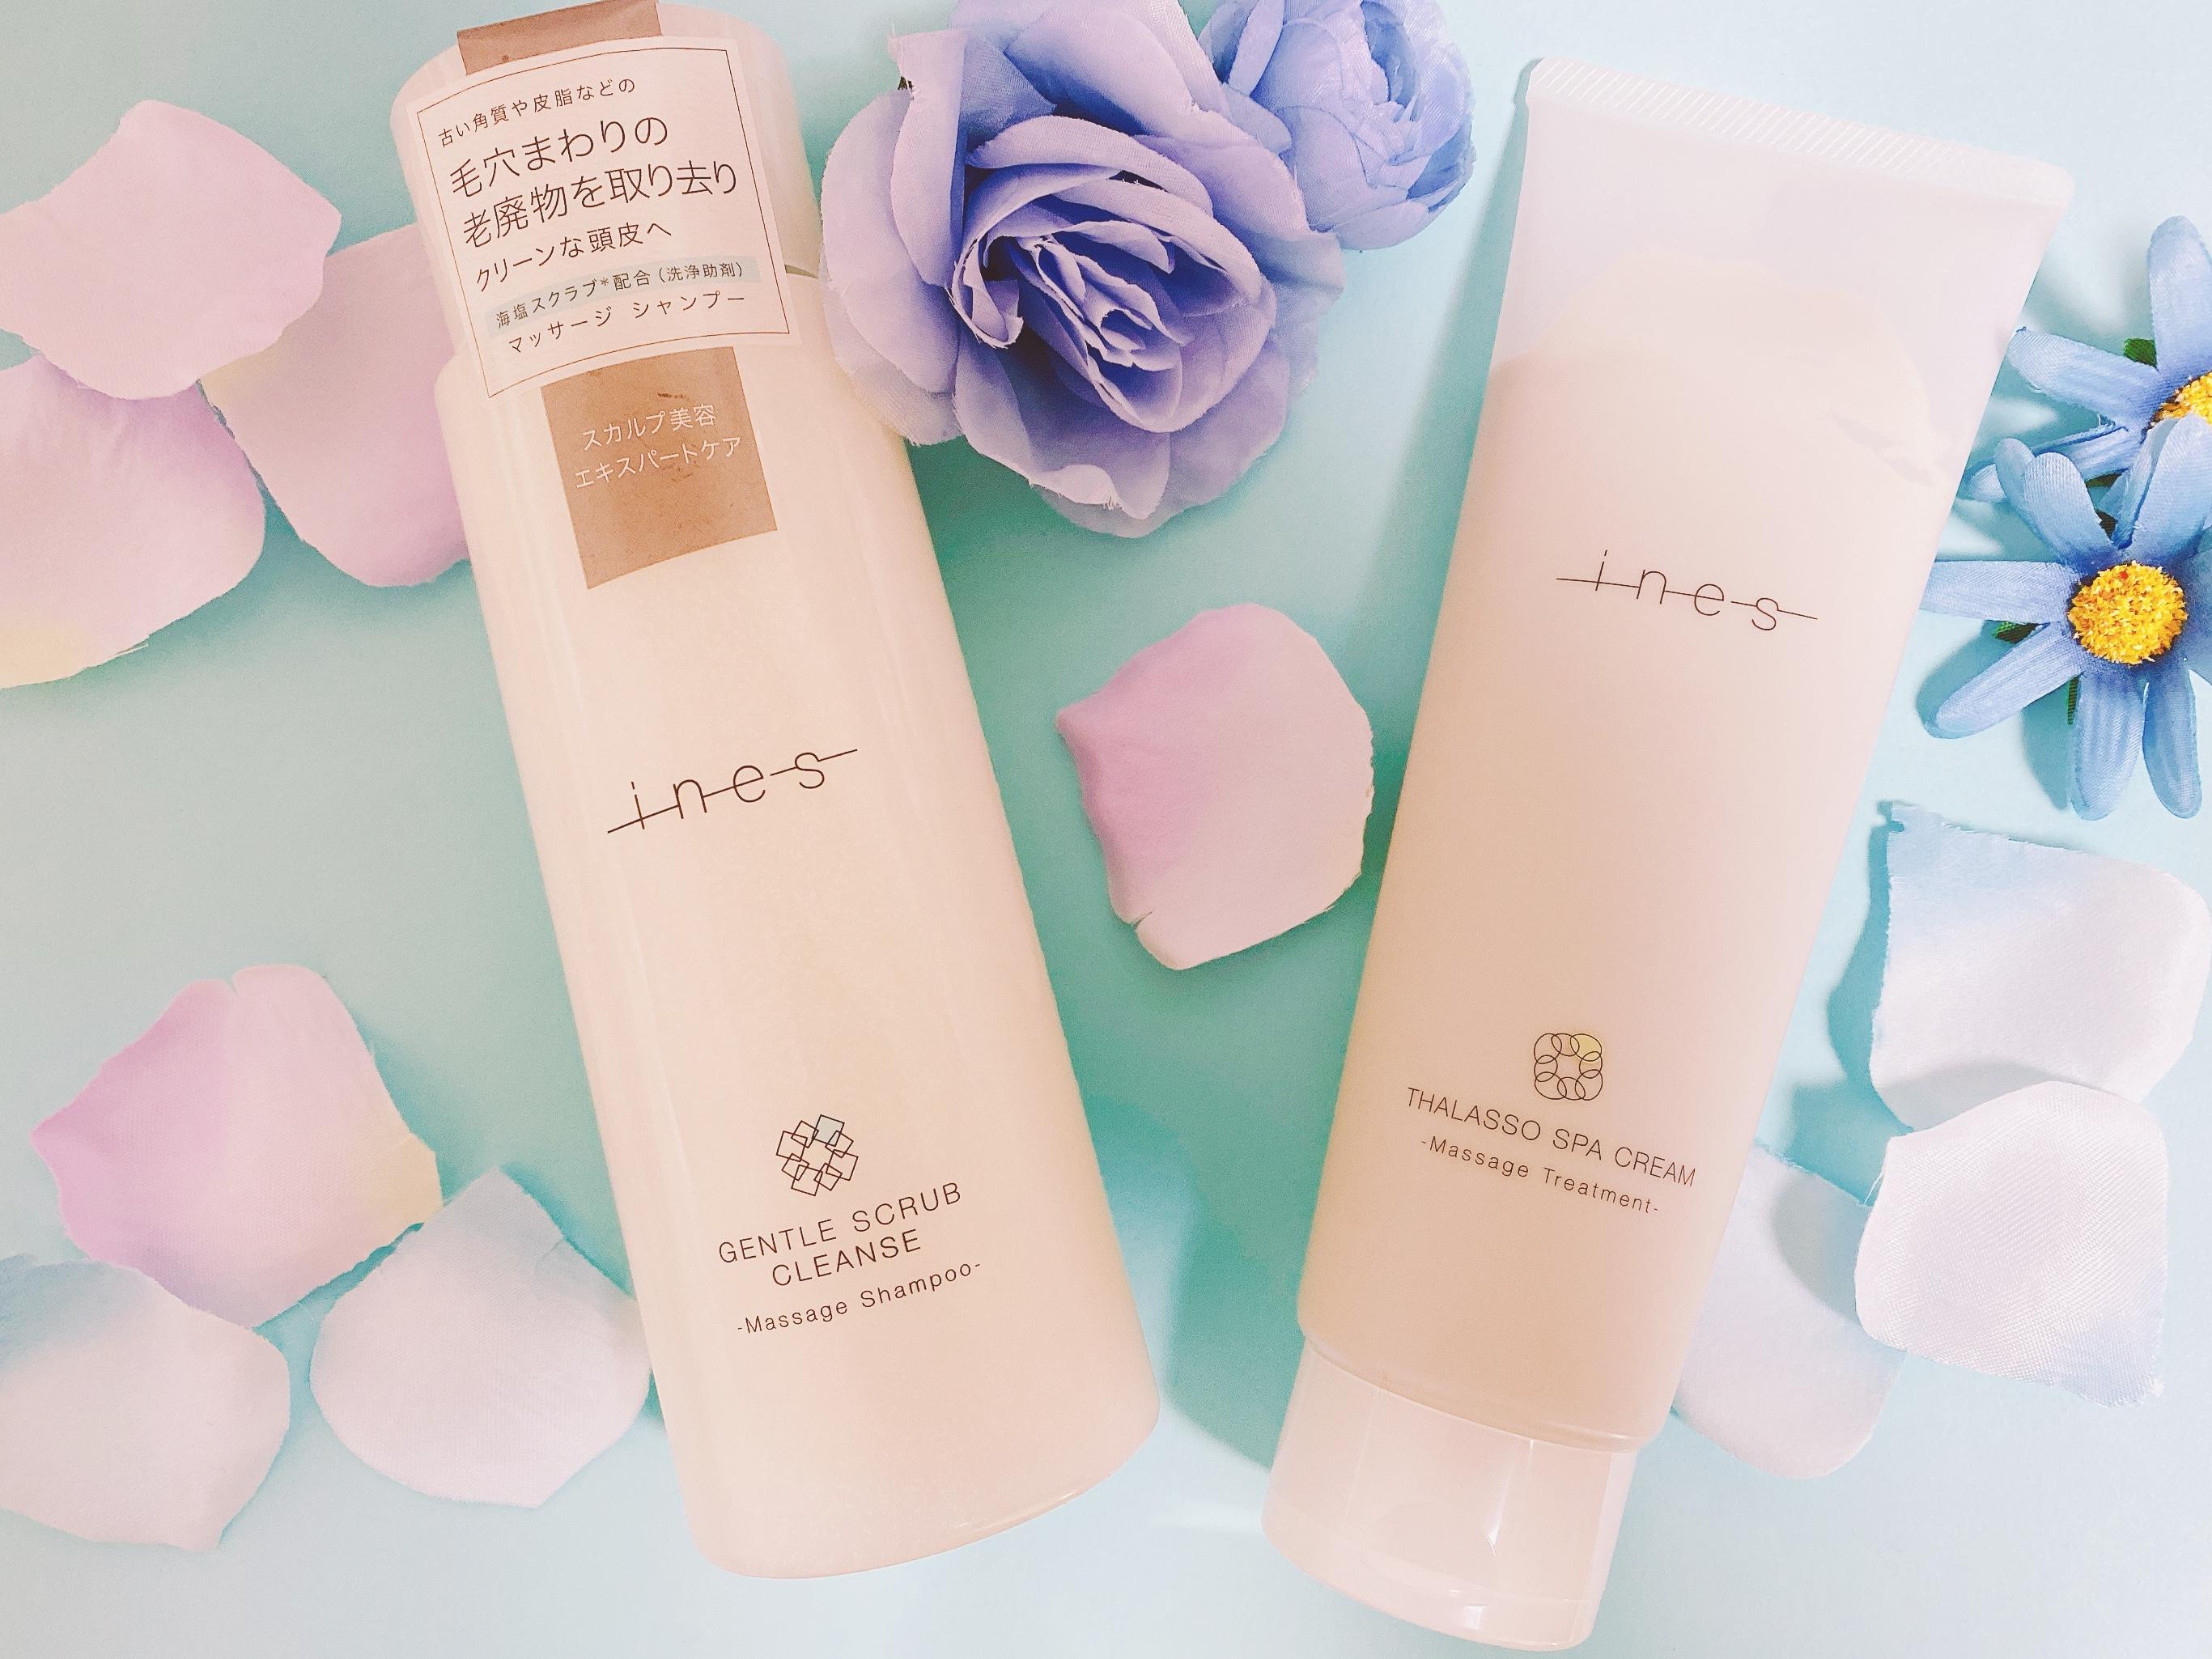 頭皮ケアに着目した新ブランド「ines(イネス)」のシャンプートリートメントで頭皮を健康に♡_2